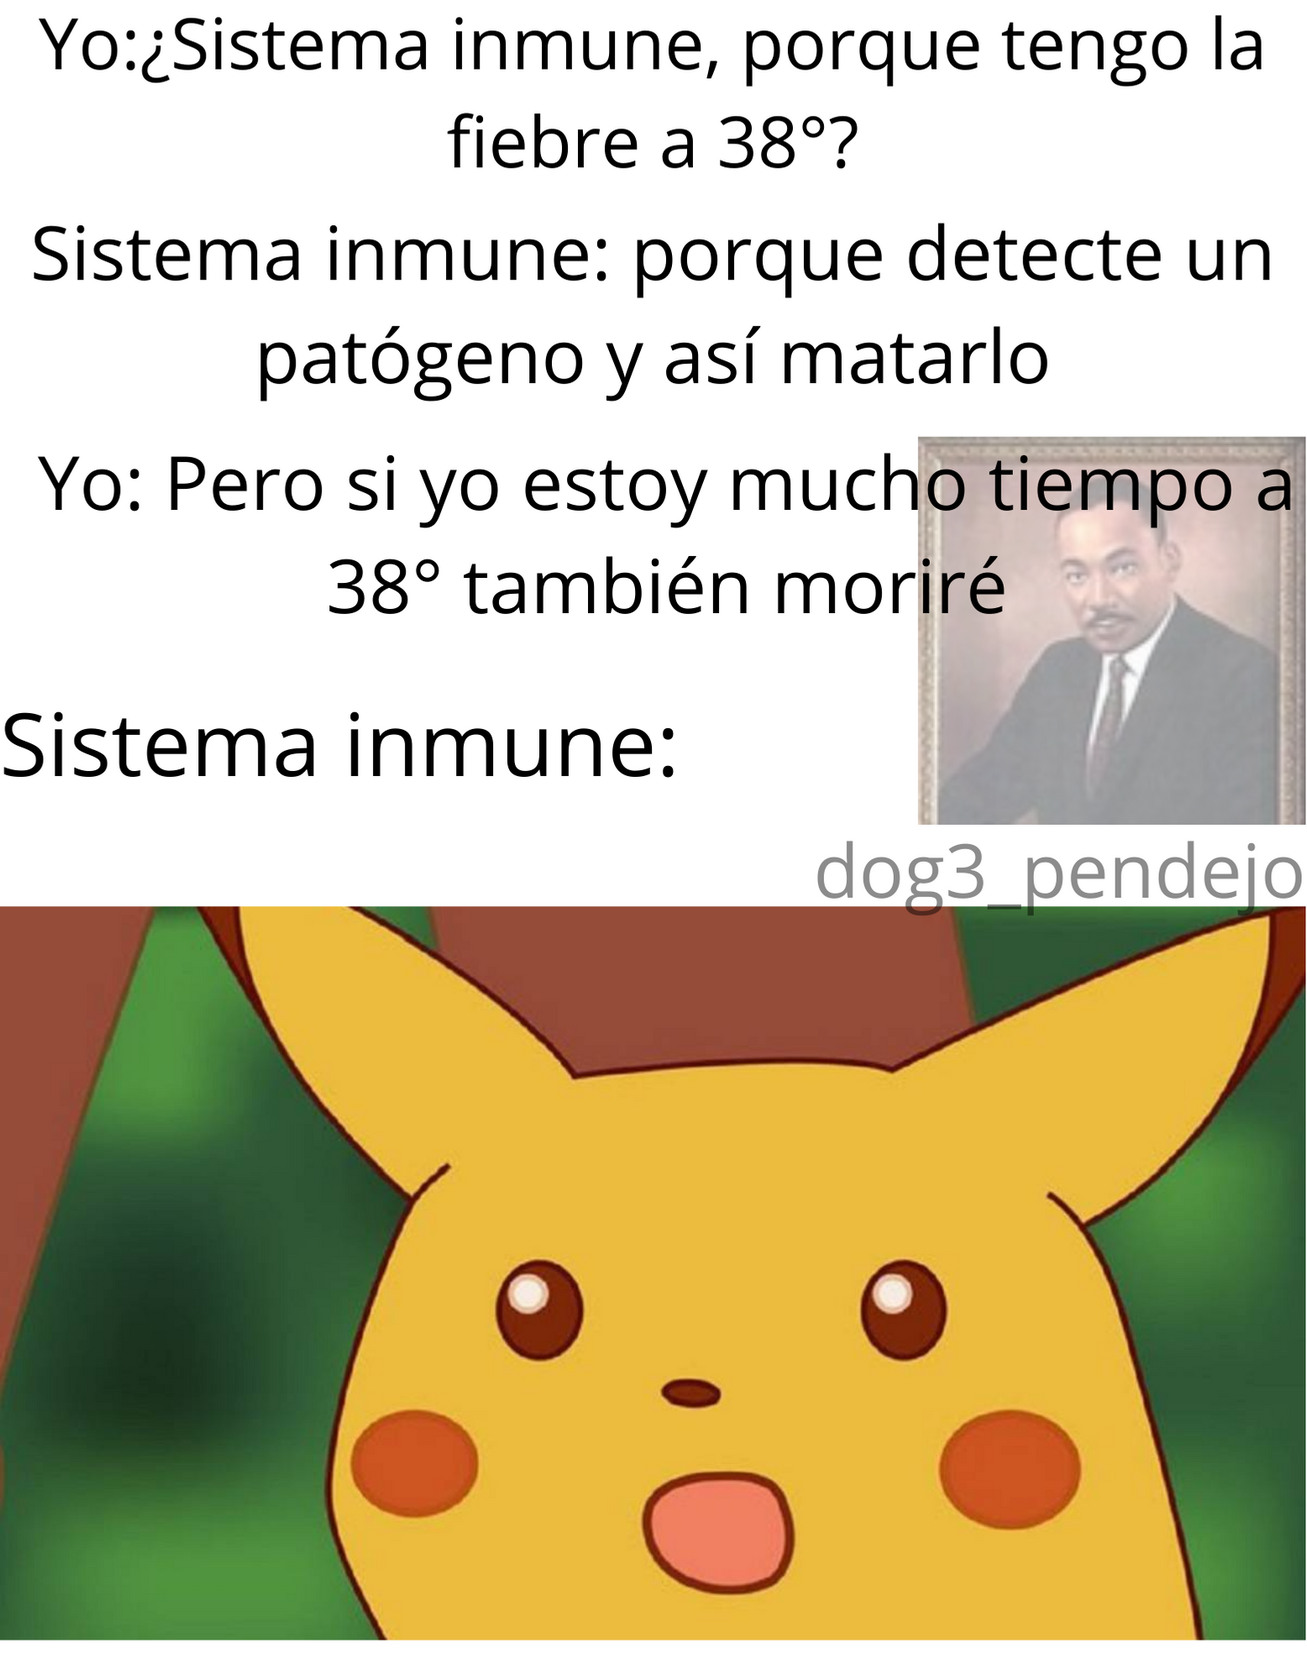 sistema inmune - meme